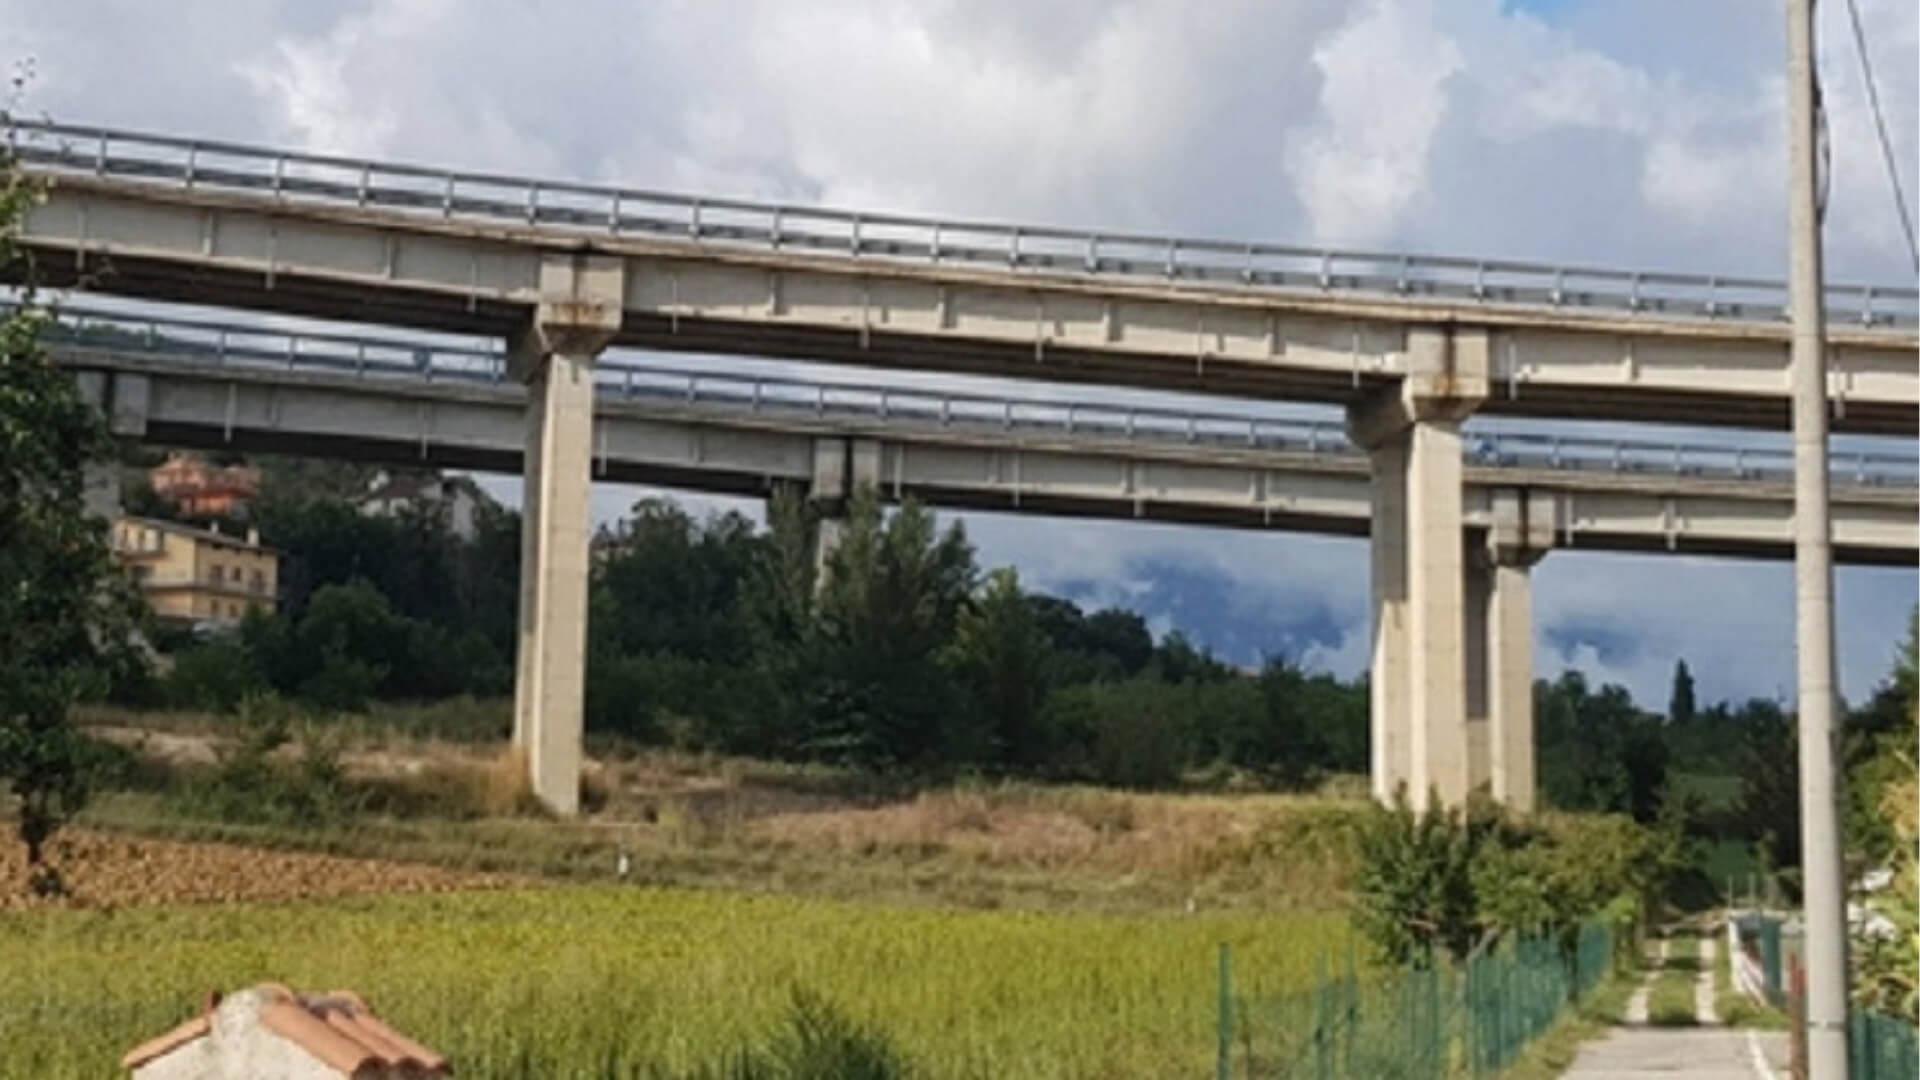 Contributi alle imprese di autotrasporto chiusura al traffico del Viadotto Puleto della E45 v2